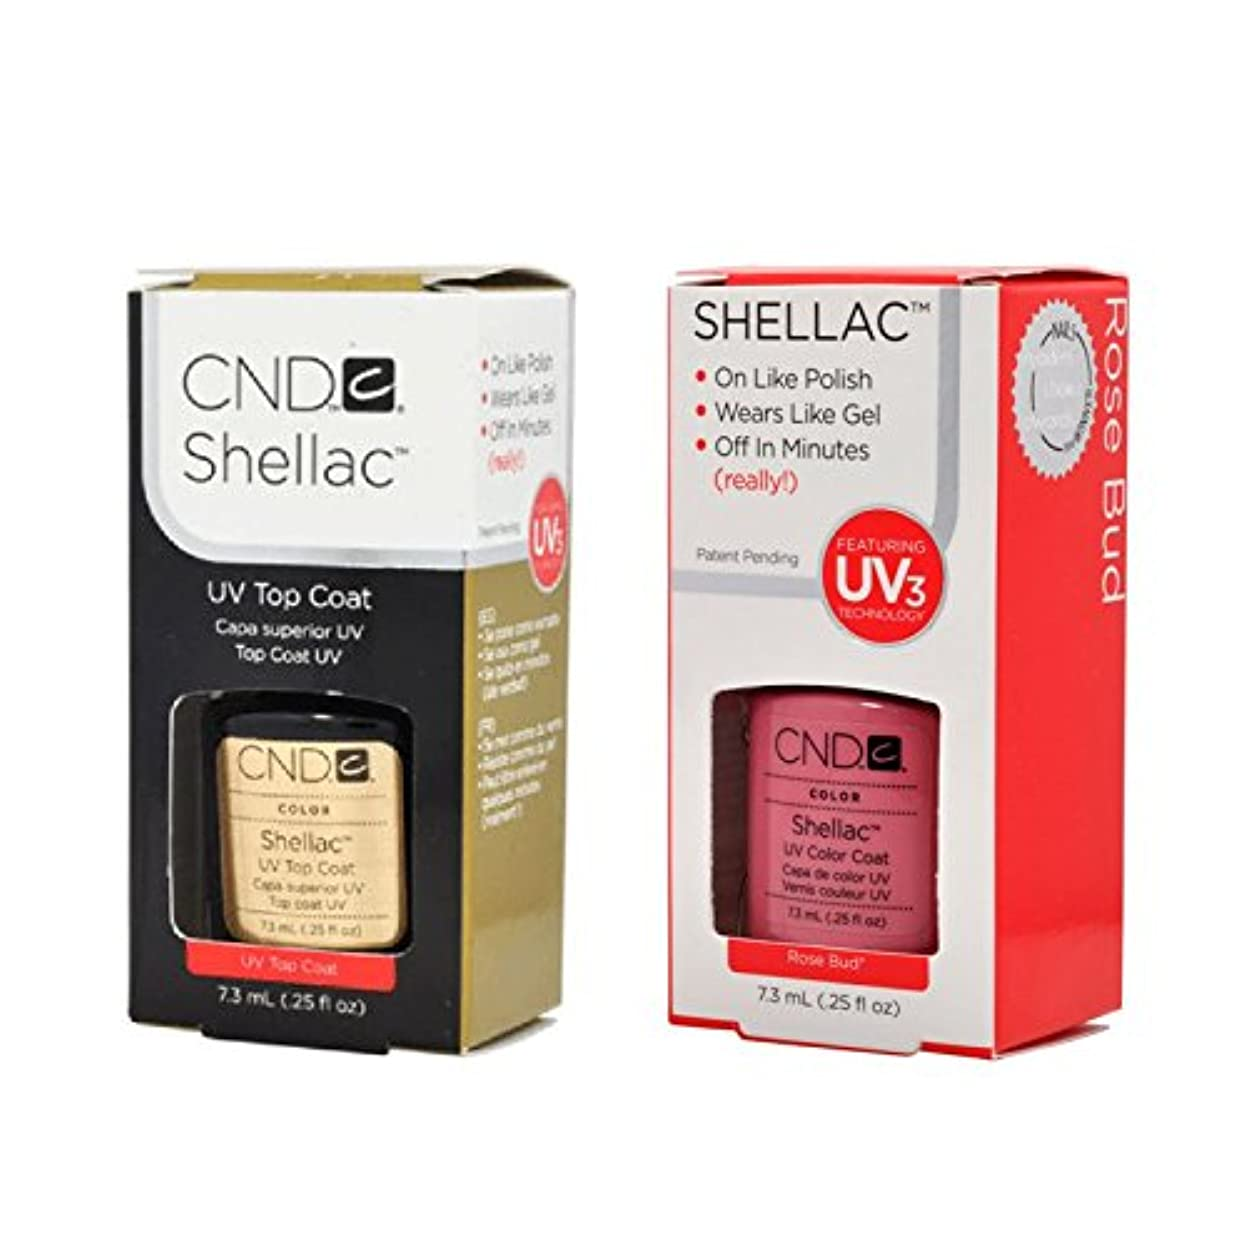 取るに足らない膨張する独特のCND Shellac UVトップコート 7.3m l  &  UV カラーコー< Rose Bud>7.3ml [海外直送品]